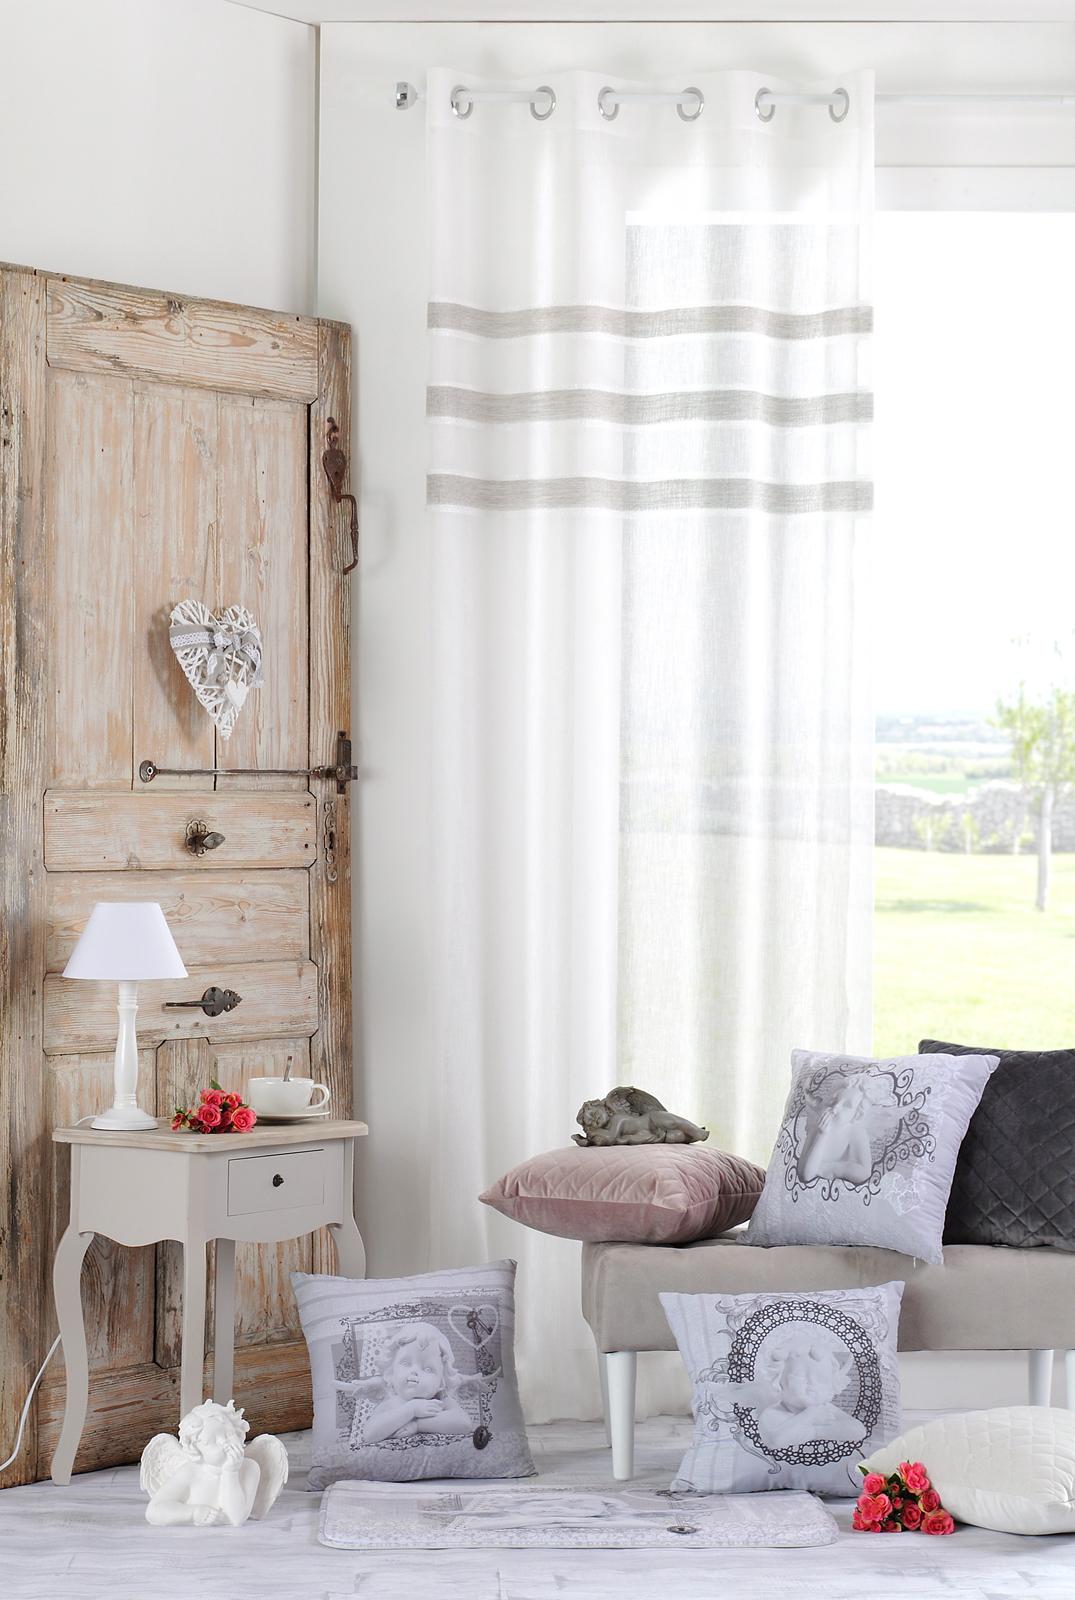 rideau voilage gris clair avec blandeaux gris fonce et broderie blanche 135x260cm a oeillets danae